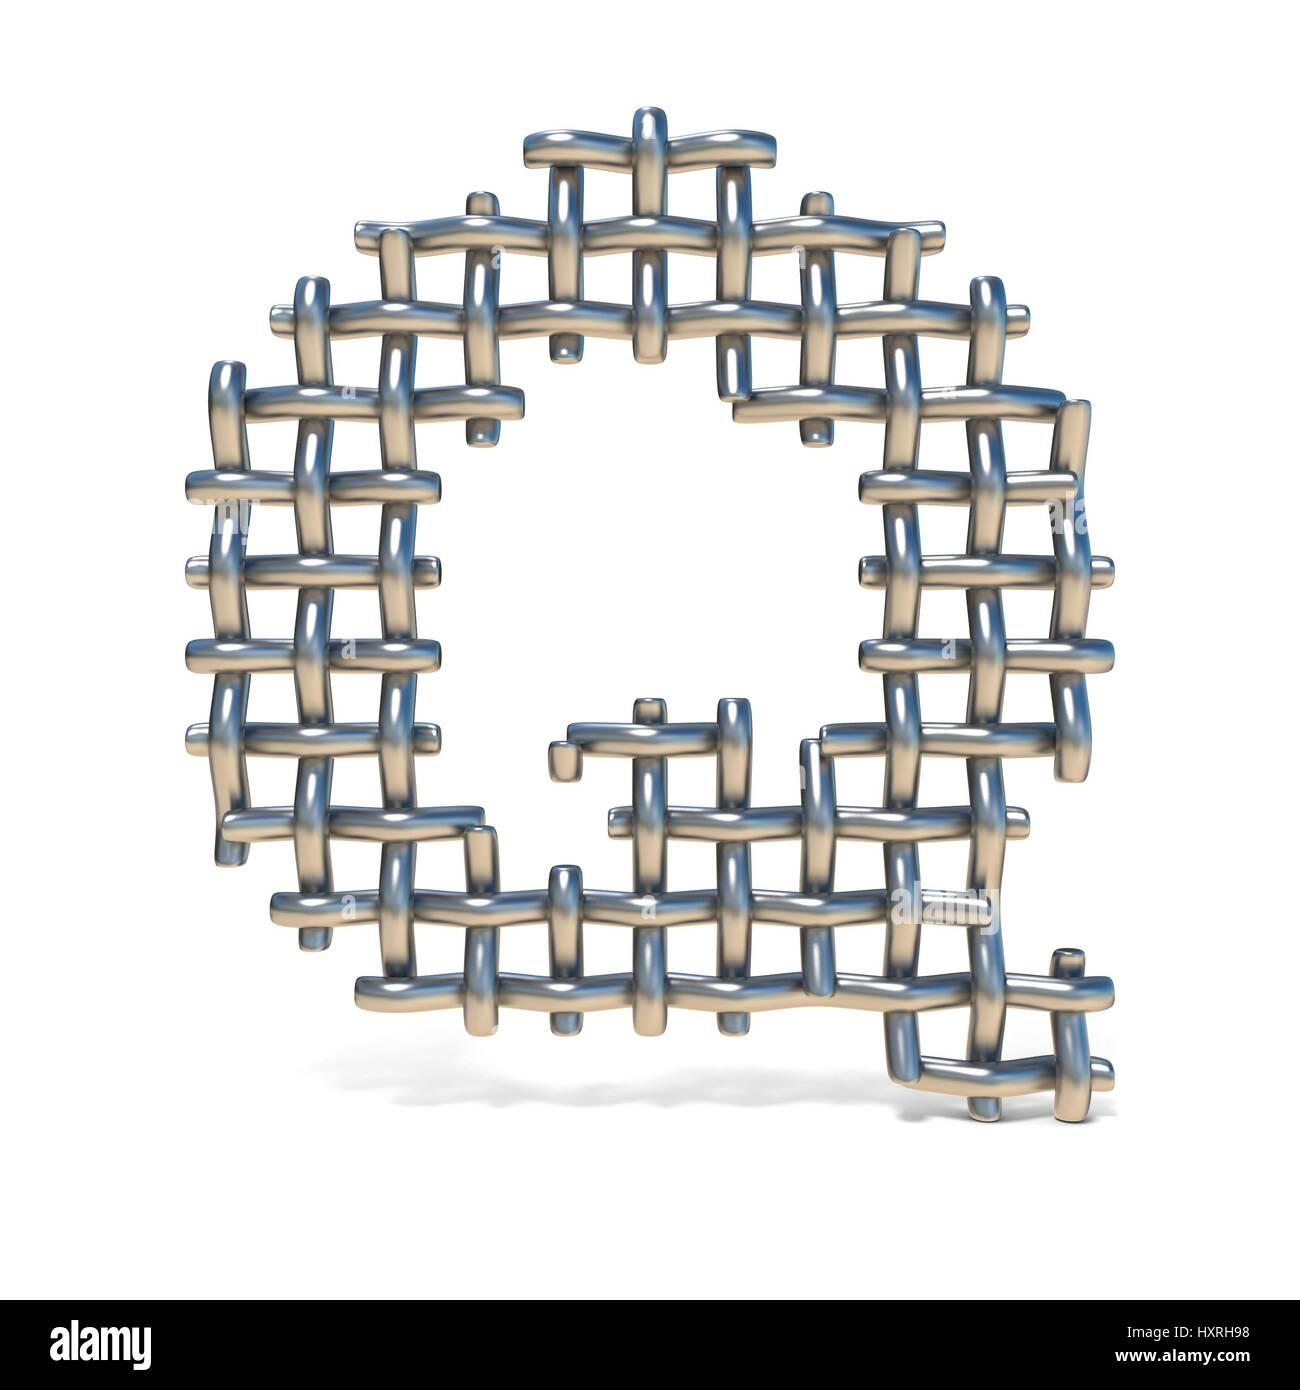 Schön Draht Buchstaben Alphabet Ideen - Der Schaltplan - triangre.info